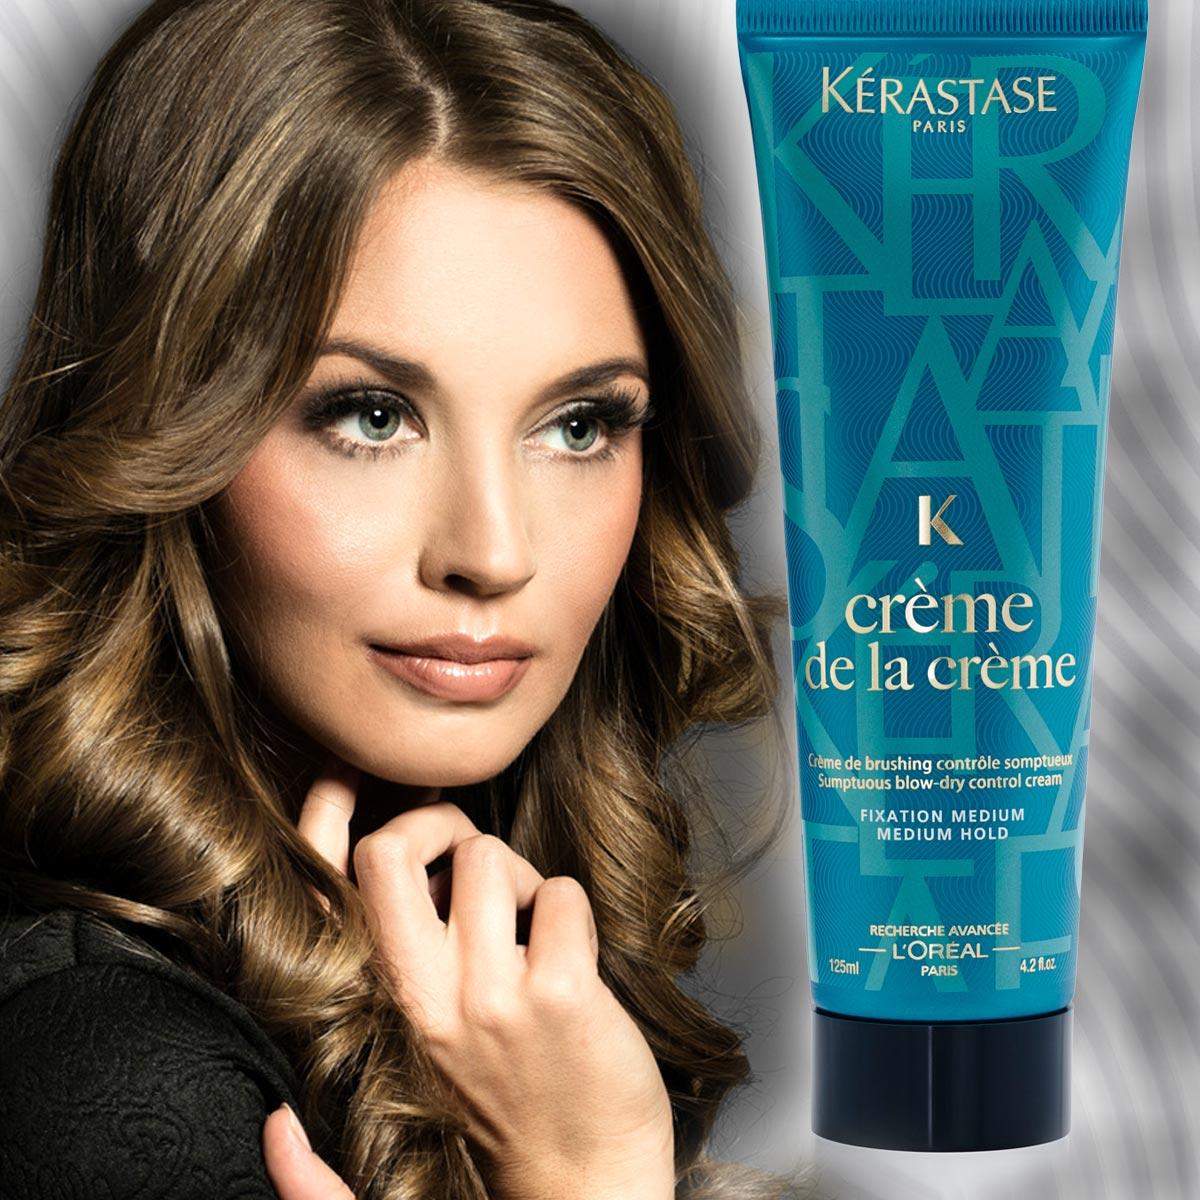 Krepaté vlasy a nejen ty mají nového pomocníka pro uhlazení vlasů, kontrolu objemu, s ochranou proti vlhkosti i s tepelnou ochranou. Je jím krém na vlasy Créme de la Créme z řady Couture Styling od Kérastase.